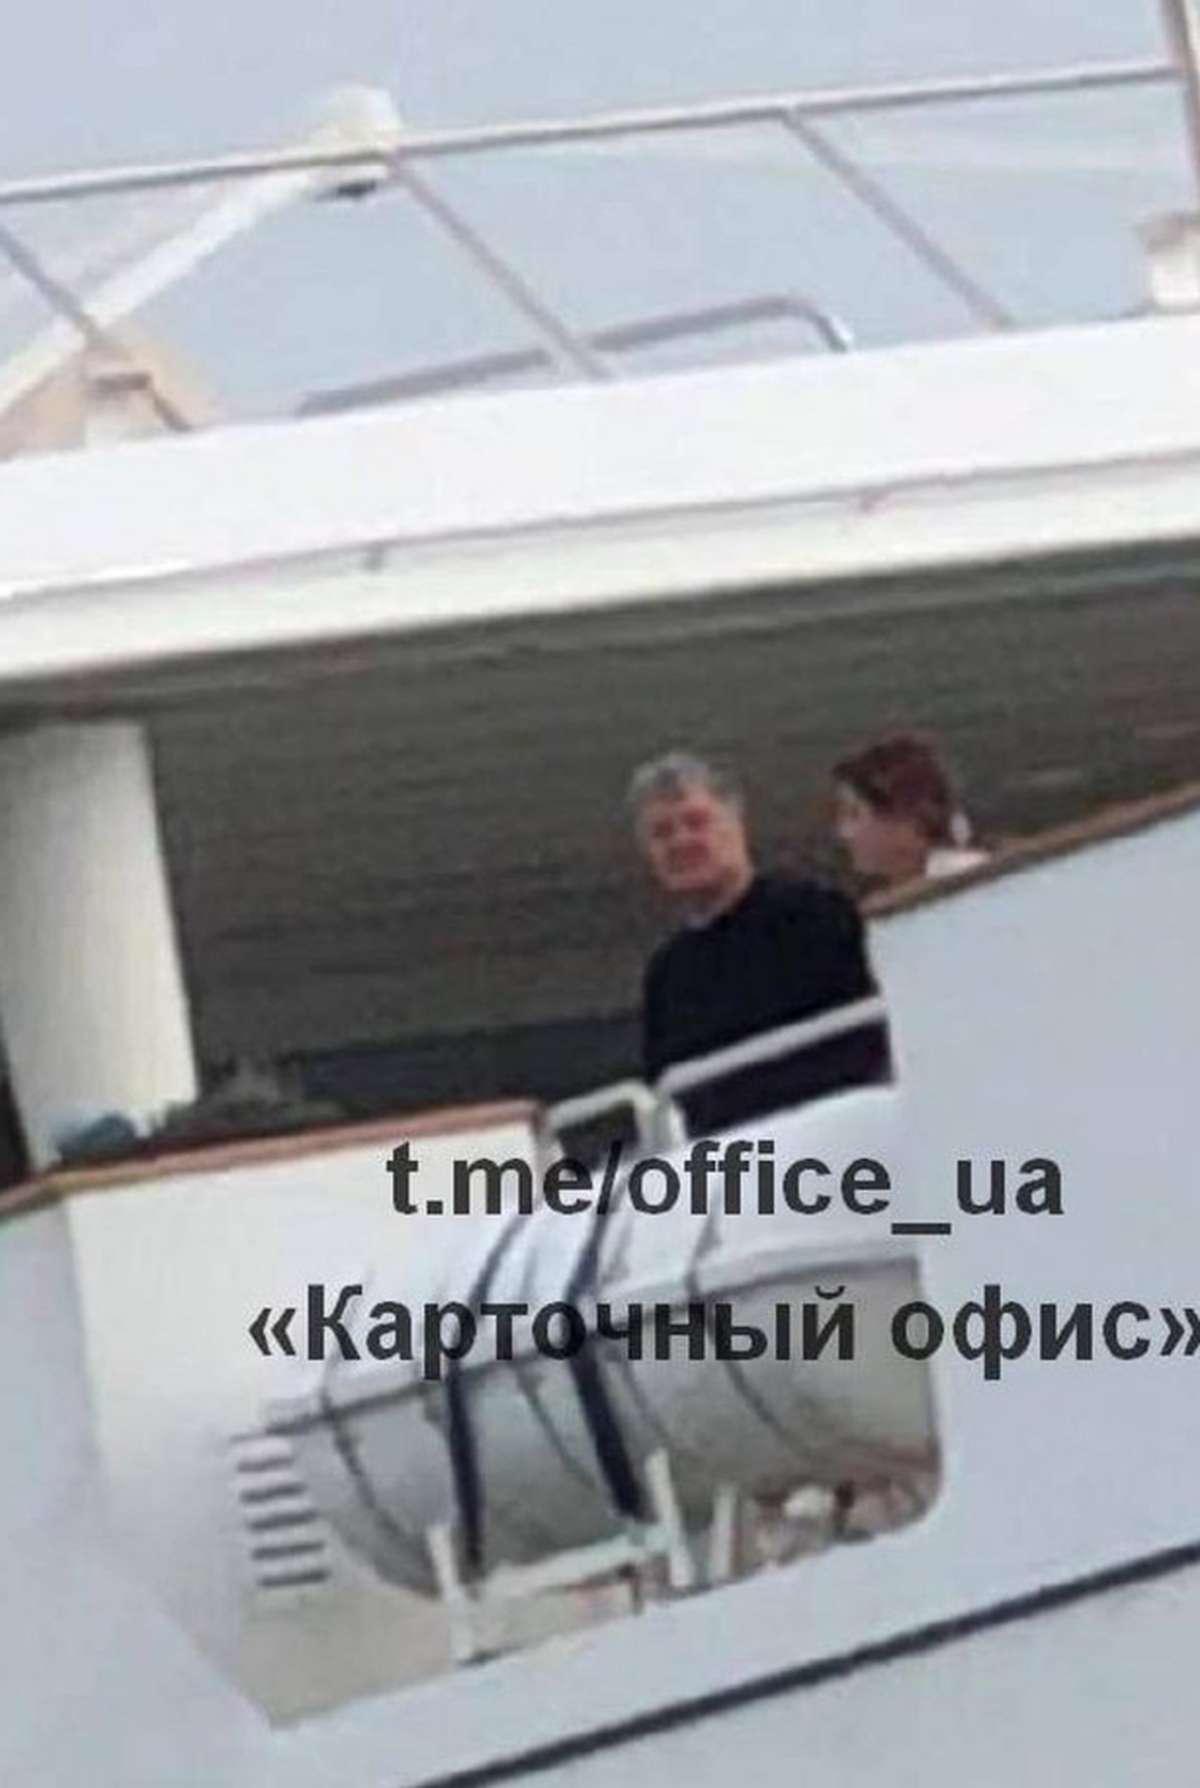 Порошенко отдыхает на шикарной яхте, АТОшники ему принесли ящик абрикосов - фото 1